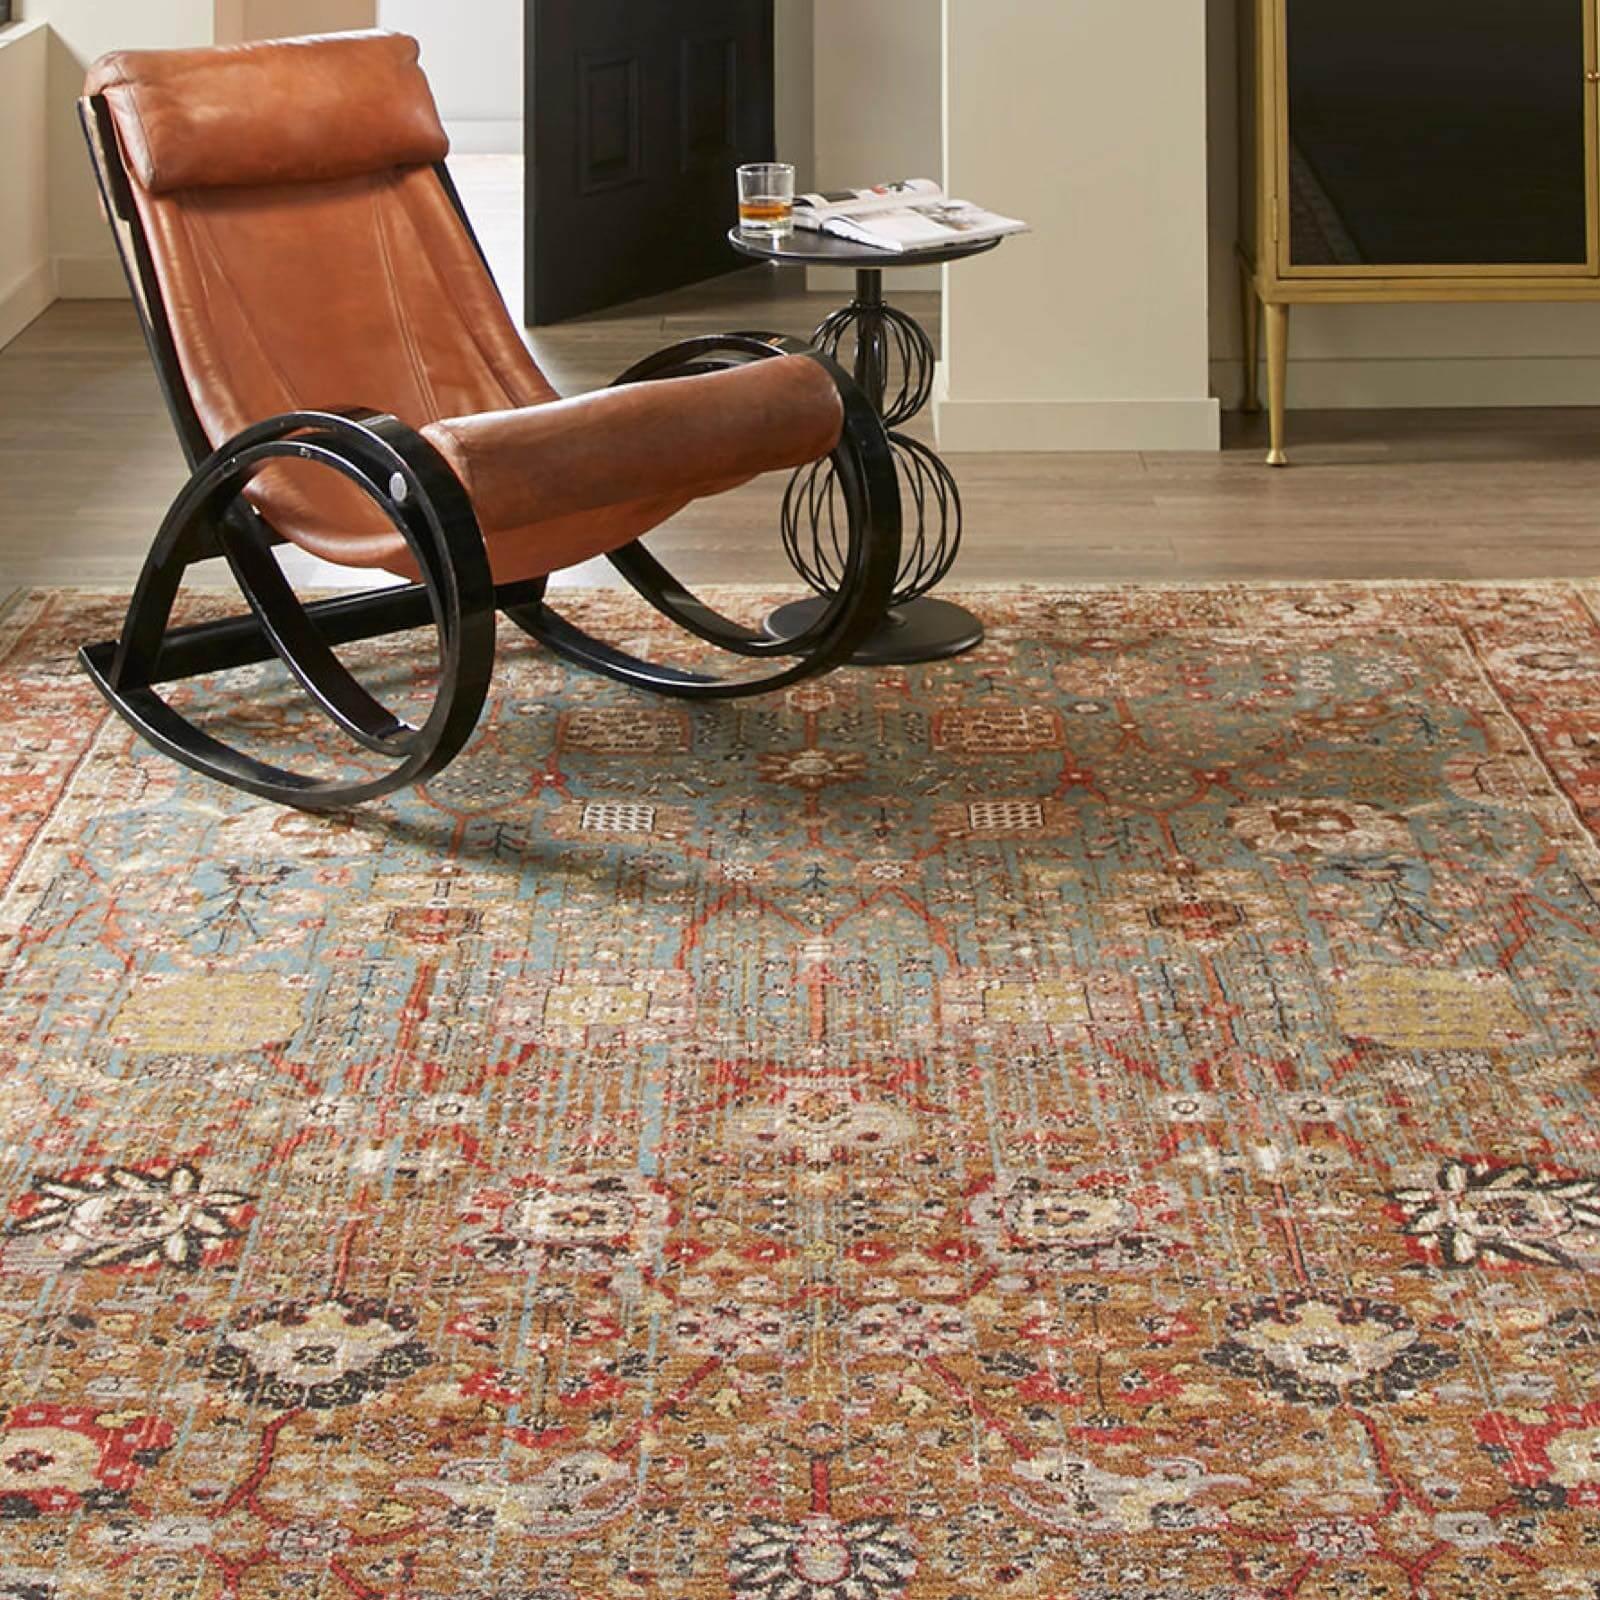 Armchair on Area Rug | Shans Carpets And Fine Flooring Inc